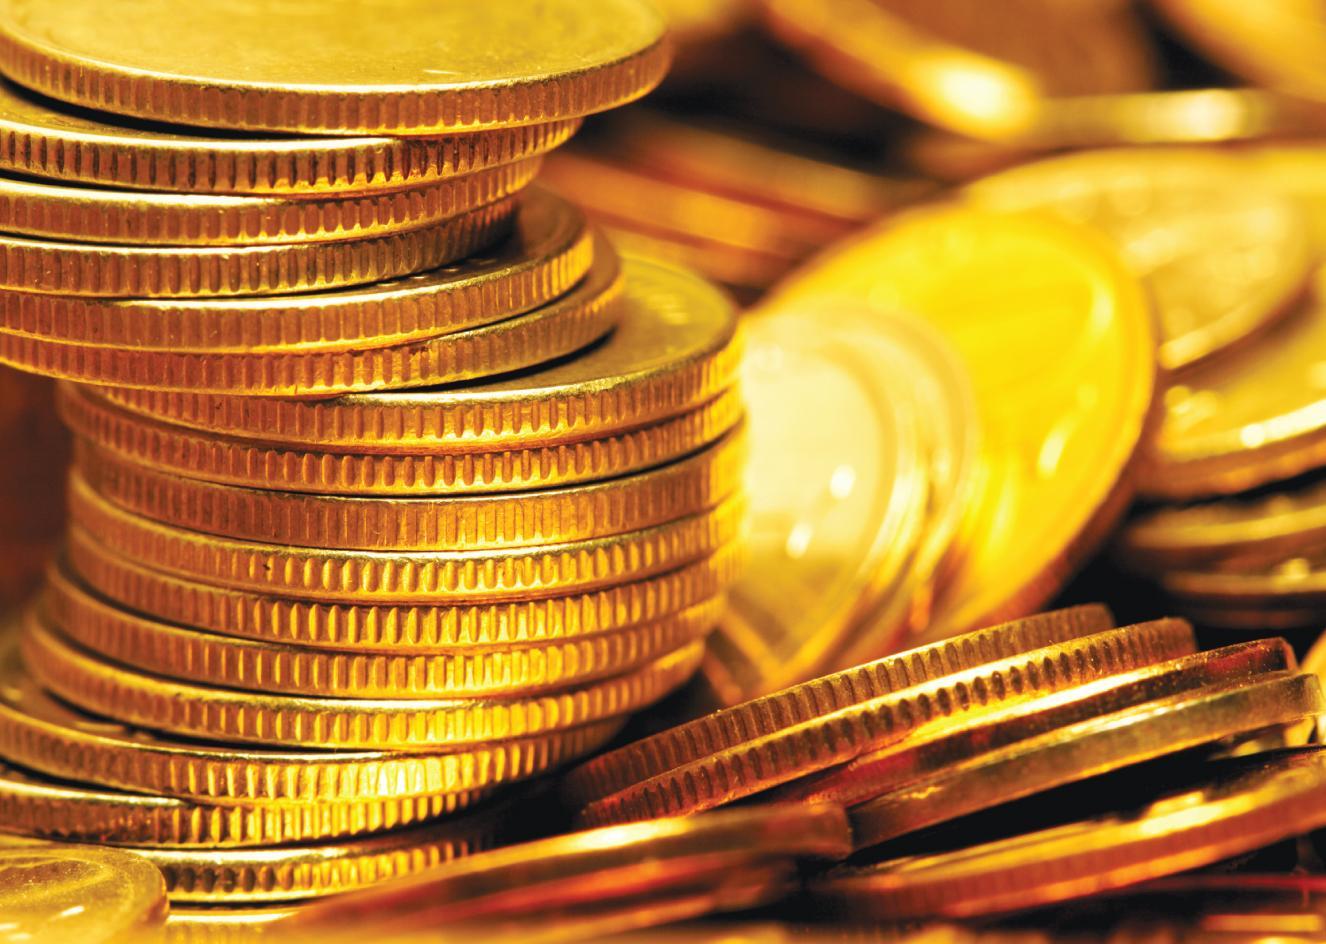 سعر جميع عيارات الذهب في المملكة العربية السعودية الاربعاء 23/4/2014